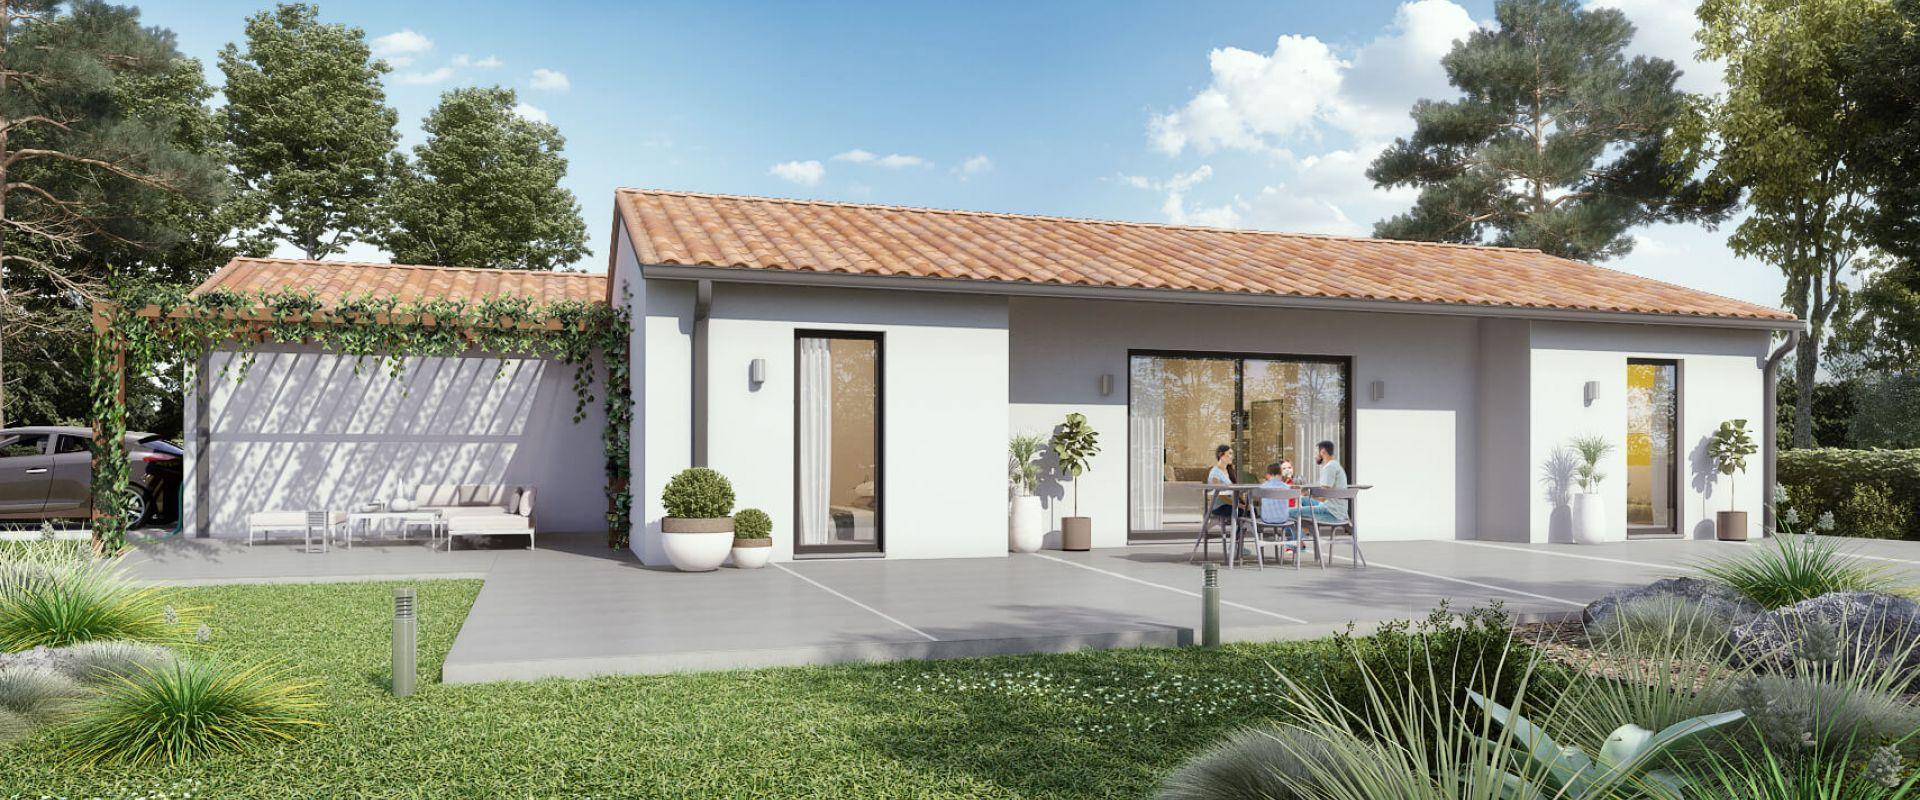 Maisons + Terrains du constructeur MAISONS OLMIERE • 100 m² • FLORENTIN